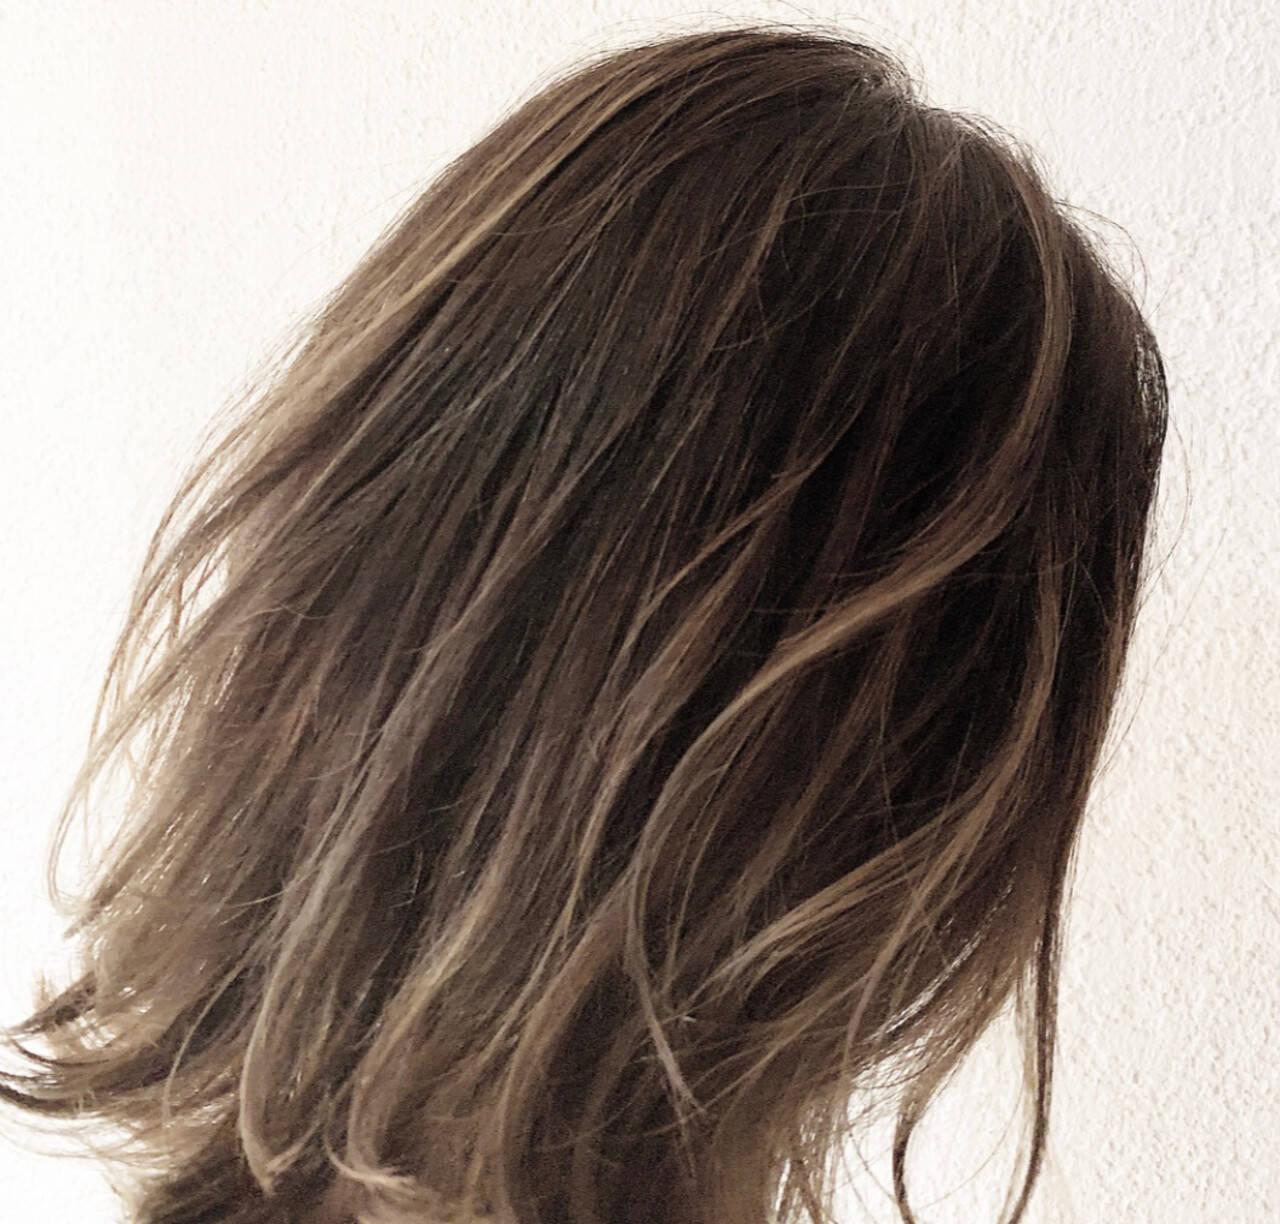 グラデーションカラー ハイライト ミディアム ヘアアレンジヘアスタイルや髪型の写真・画像